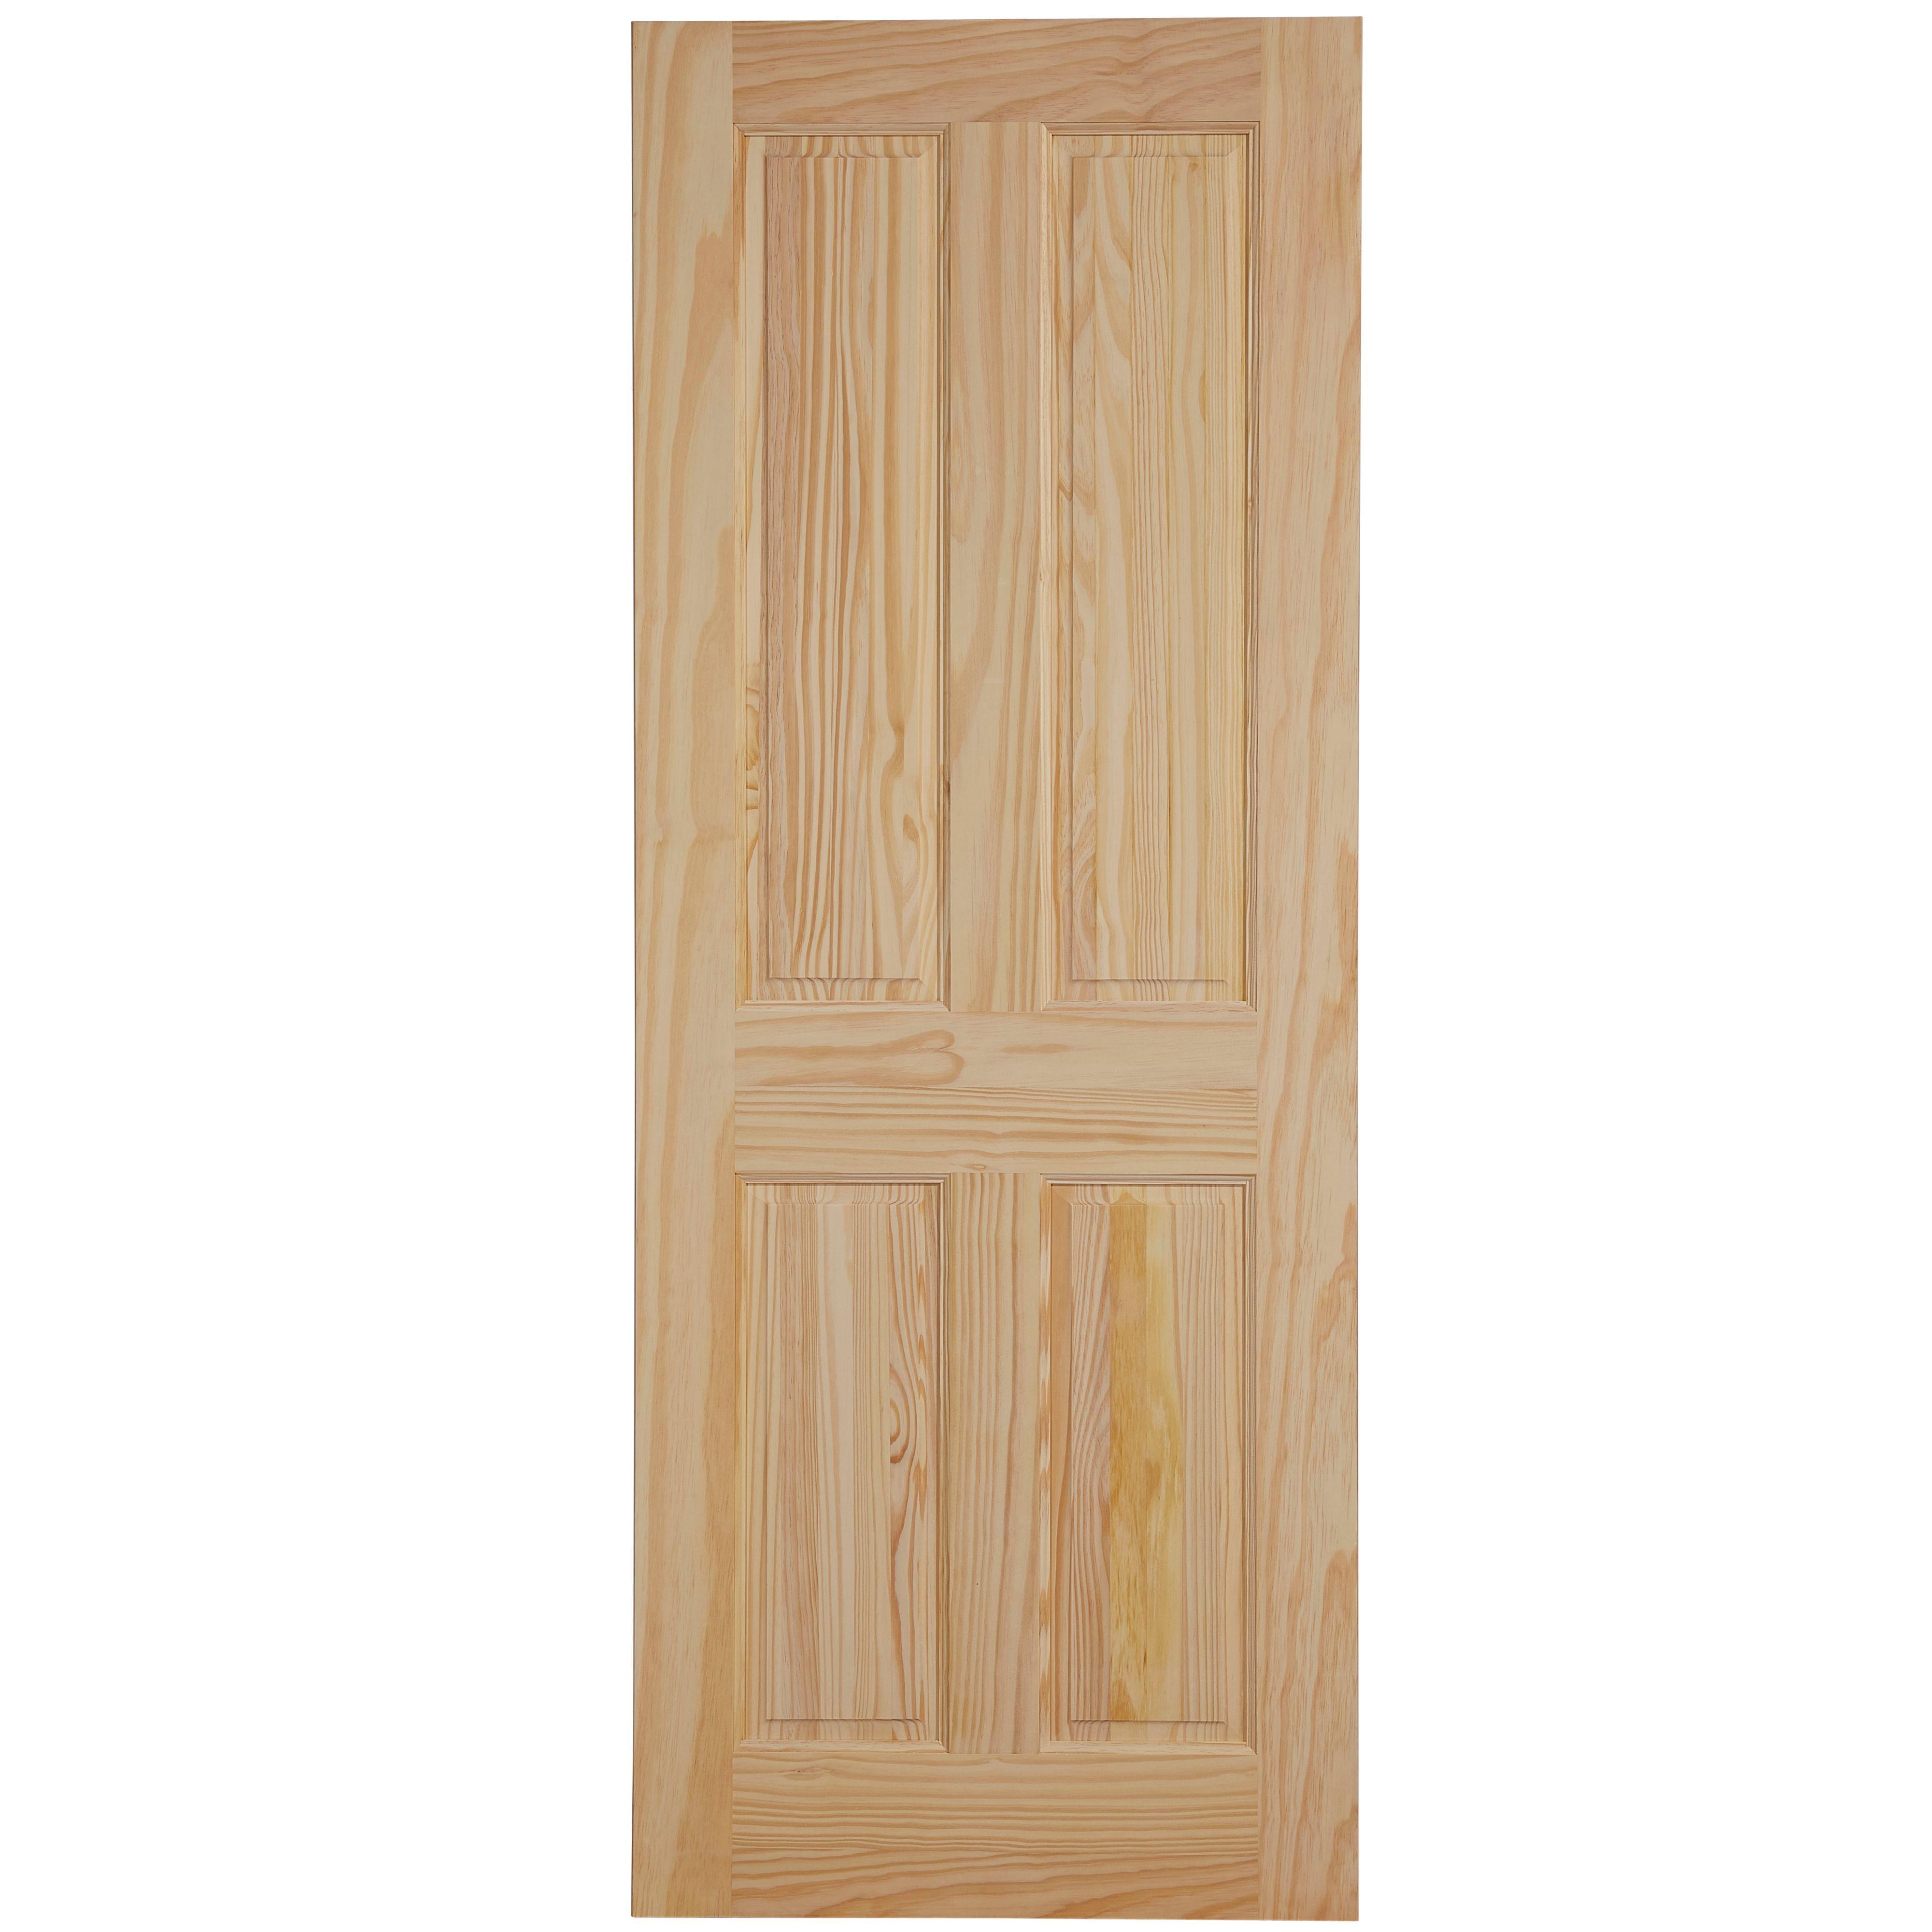 4 Panel Clear Pine Internal Fire Door, (H)1981mm (W)838mm